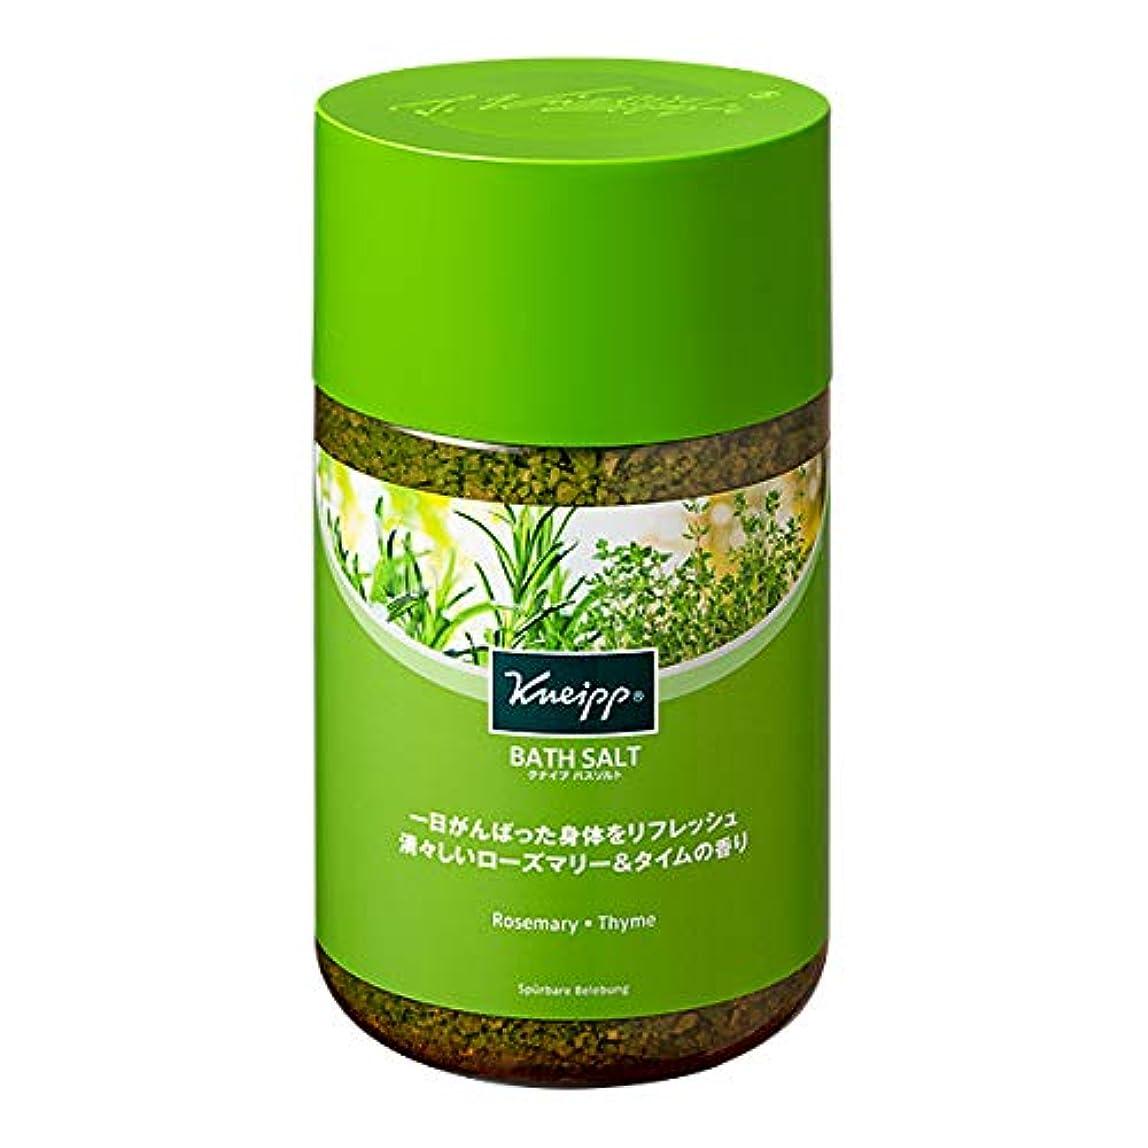 スペードアドバイス宇宙クナイプ(Kneipp) クナイプ バスソルト ローズマリー&タイムの香り850g 入浴剤